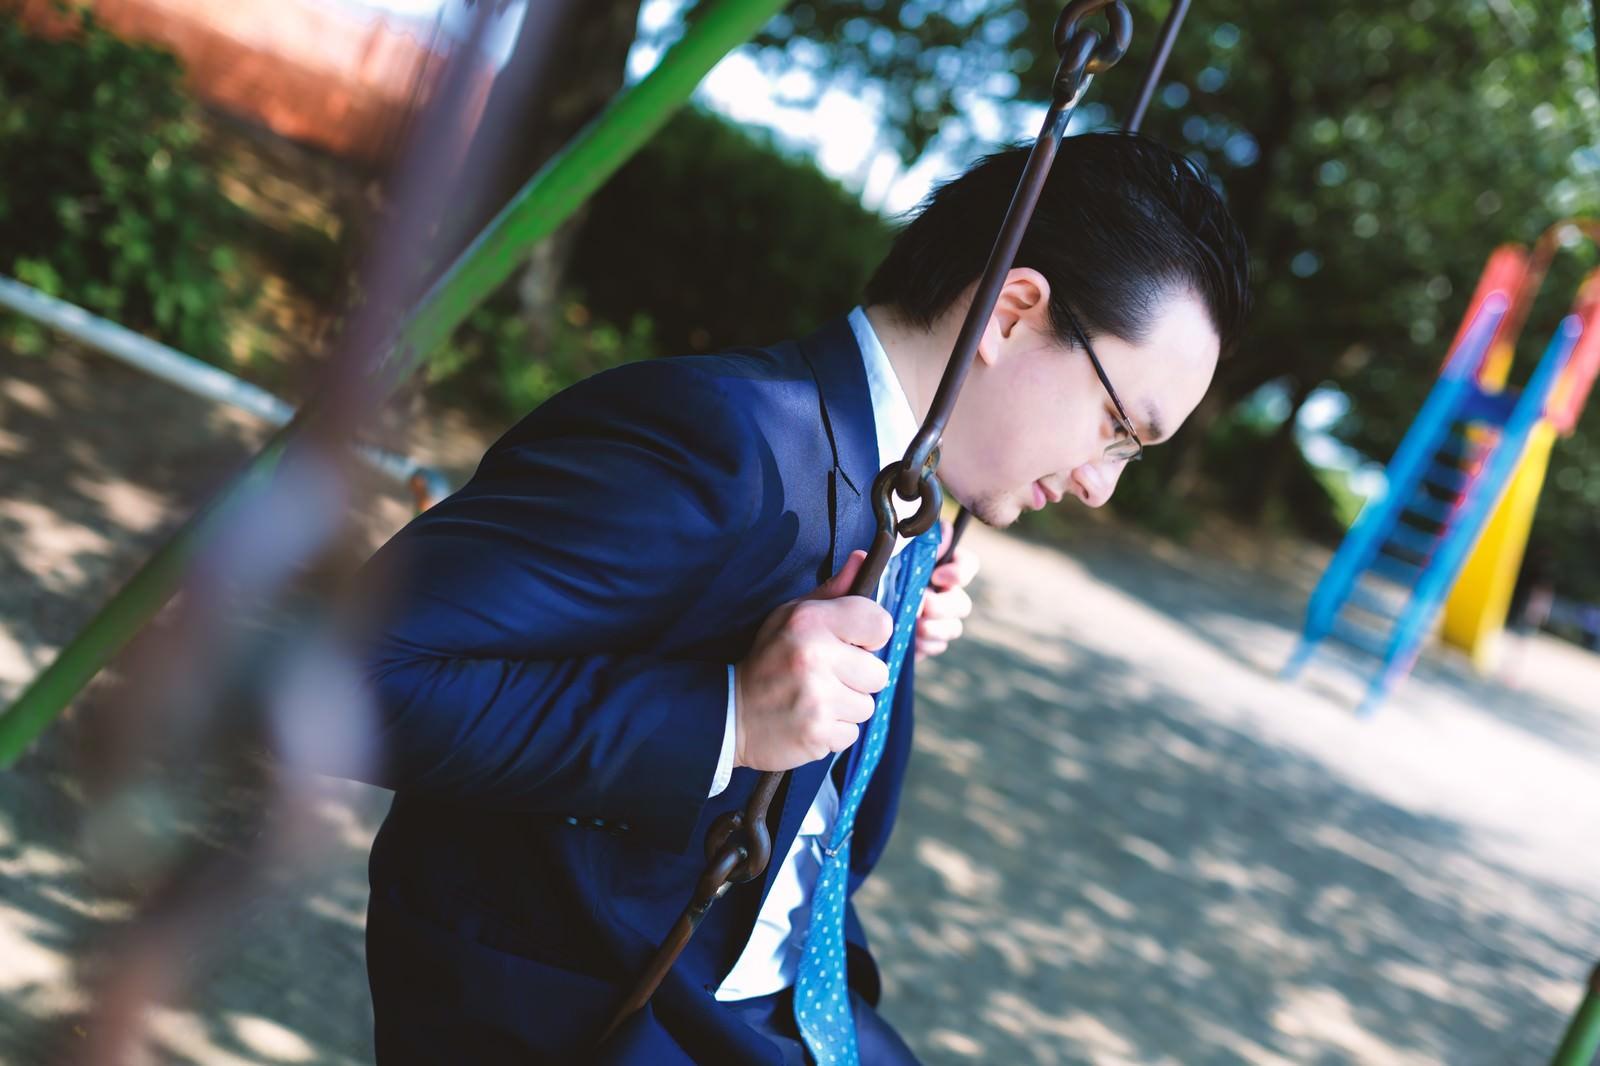 「物思いに耽るビジネスマン物思いに耽るビジネスマン」[モデル:Max_Ezaki]のフリー写真素材を拡大